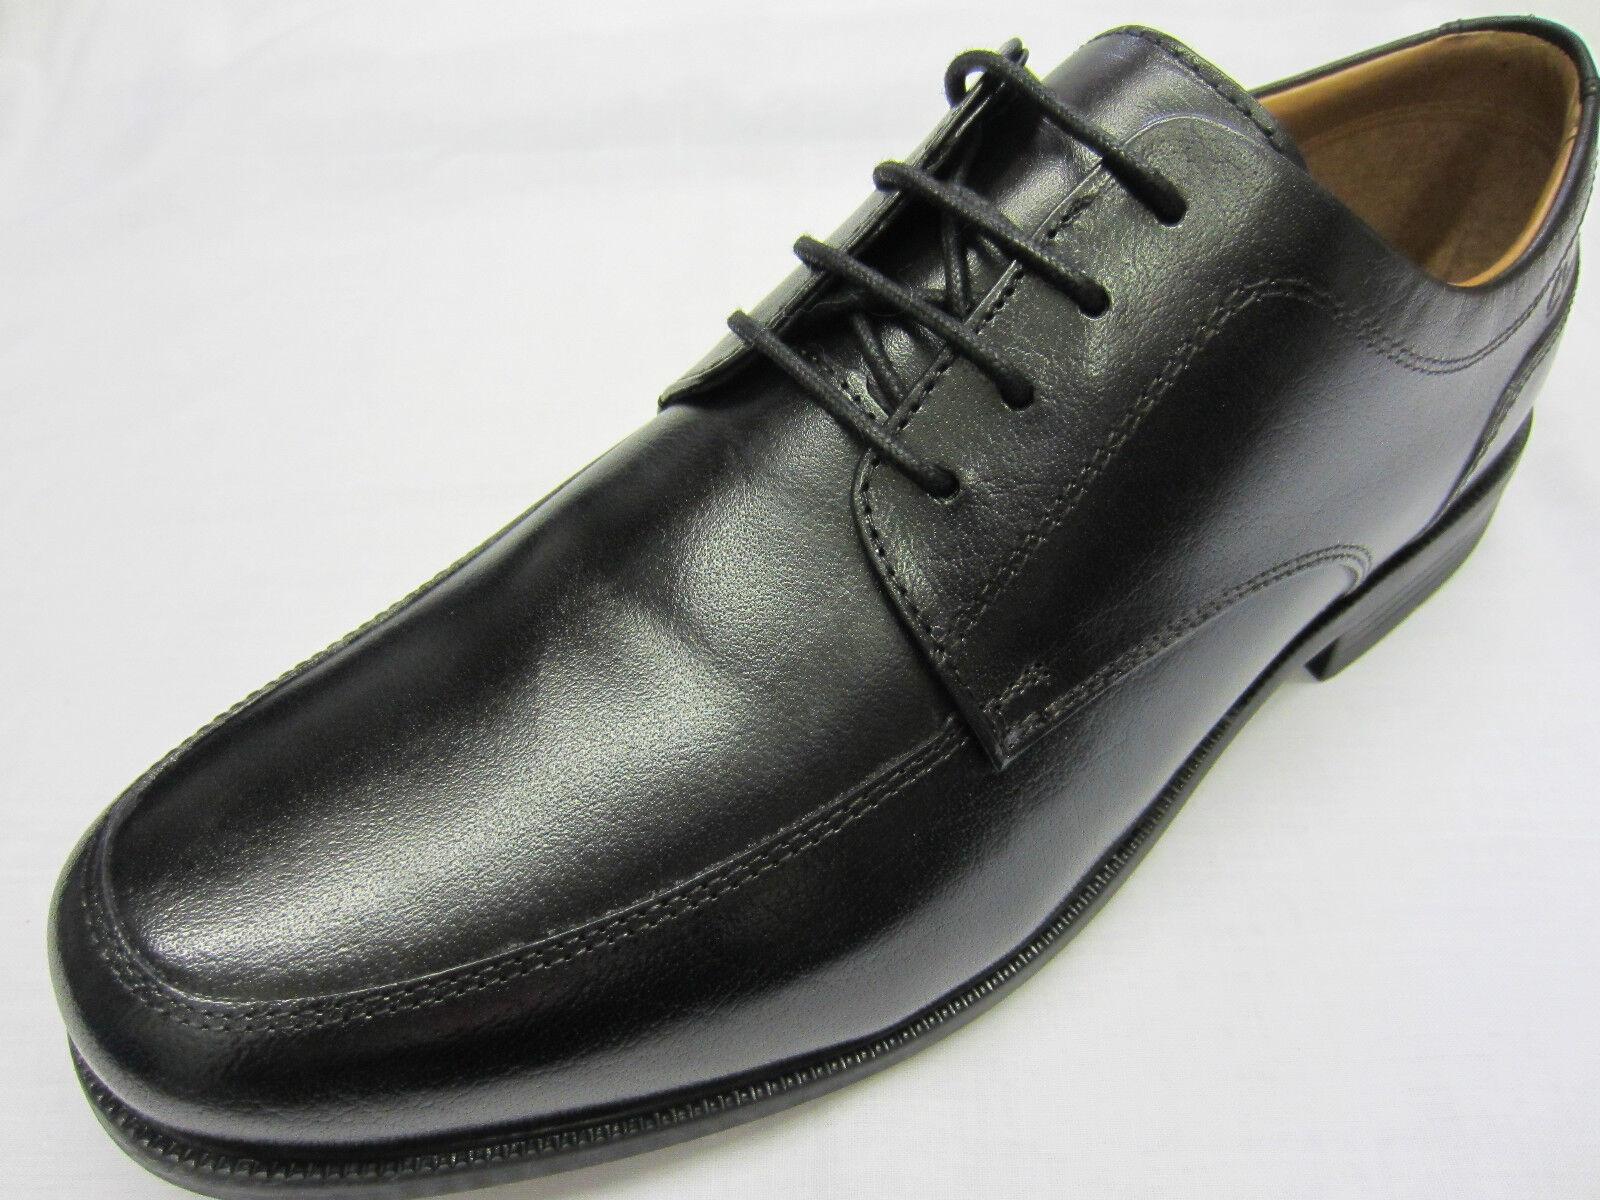 Clarks De Beeston Delantal Hombre Zapatos De Clarks Piel Negros Con Cordones 545b61